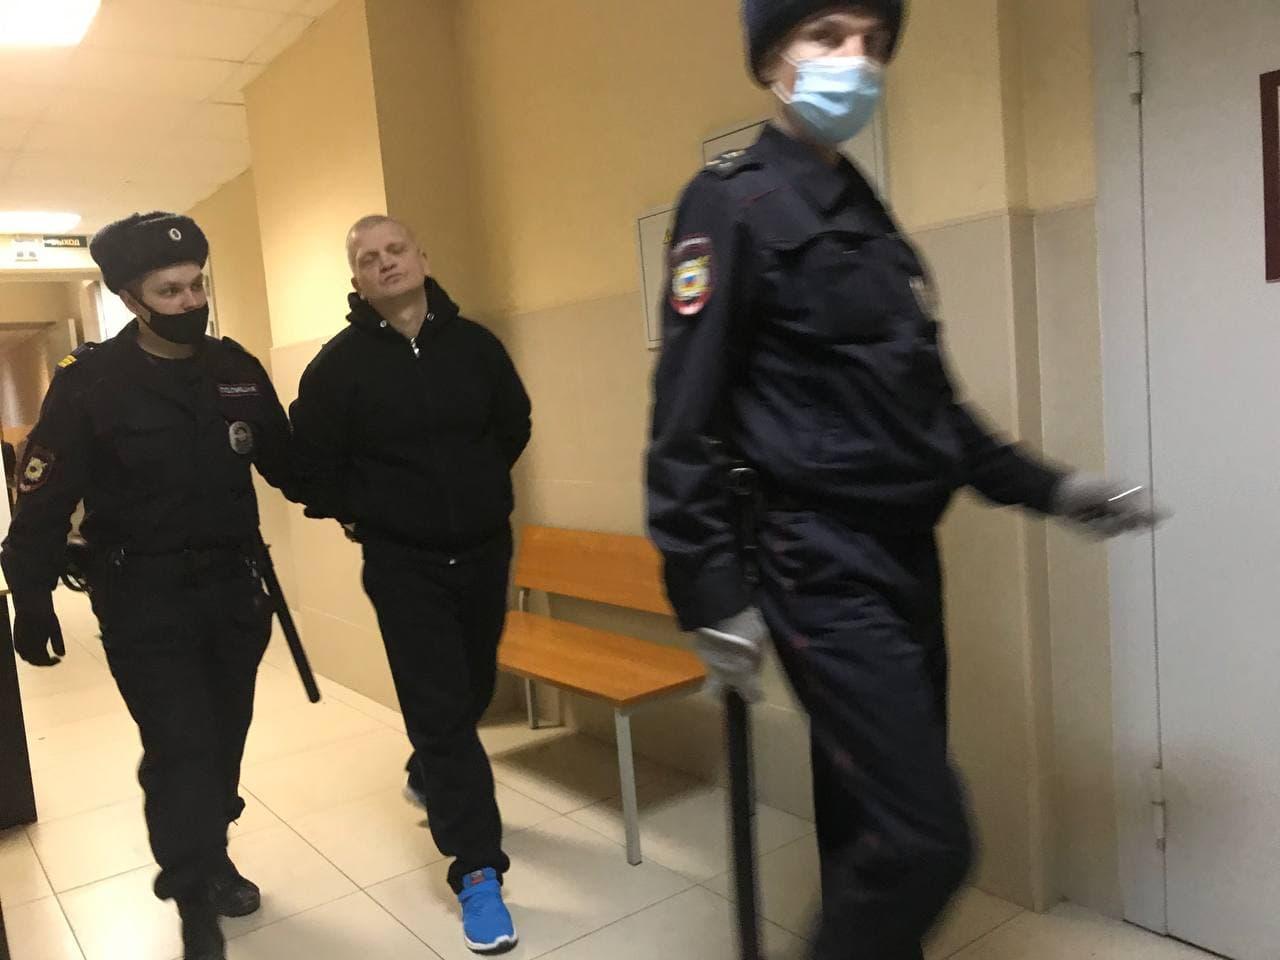 фото ЗакС политика Суд приговорил обвиняемого в нападении на омоновца на акции 31 января Туганкова к 1 году колонии-поселения